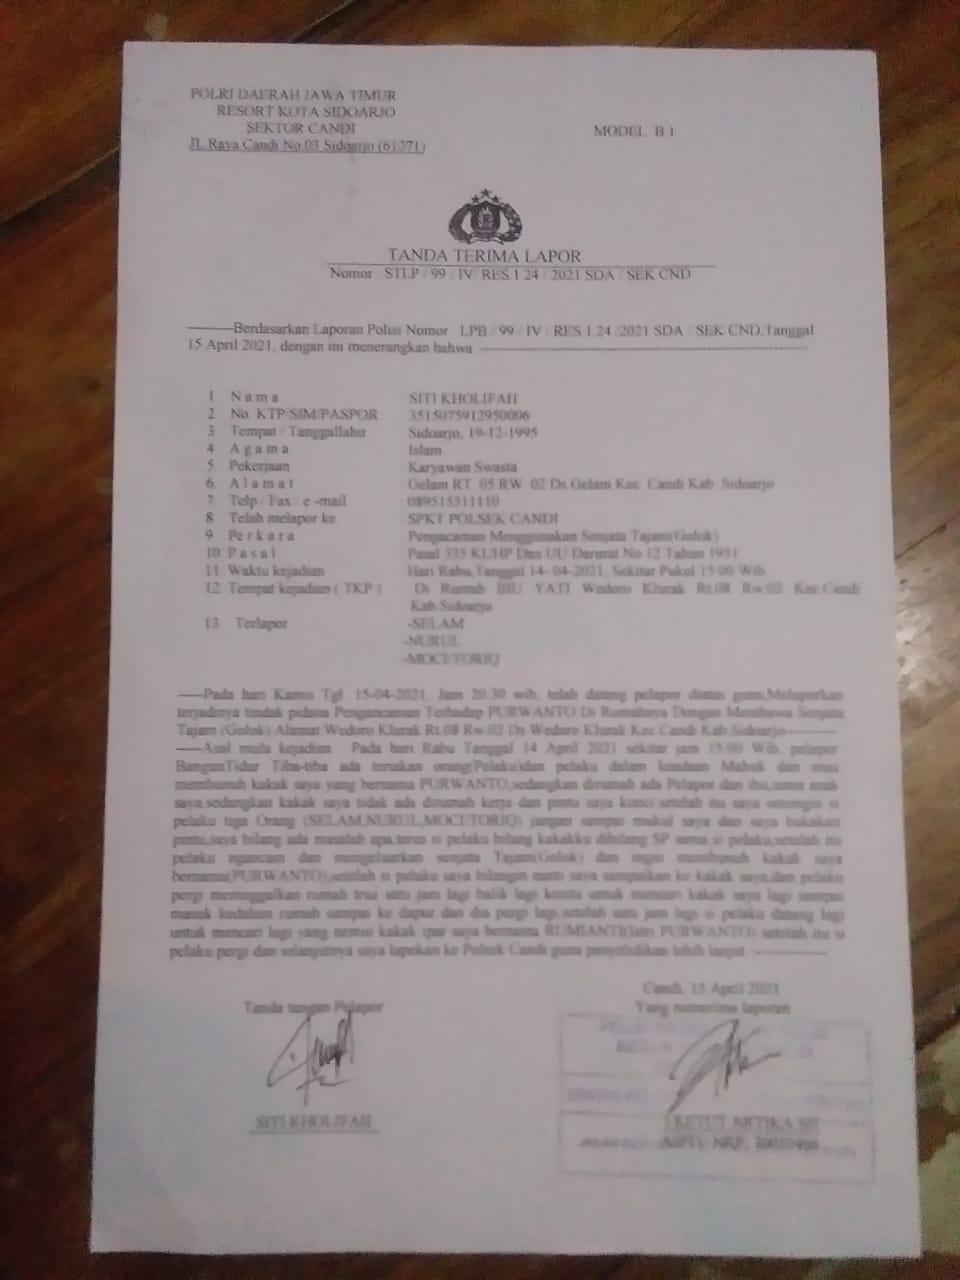 Diduga Ancam Wartawan, 3 Warga di Sidoarjo di Polisikan